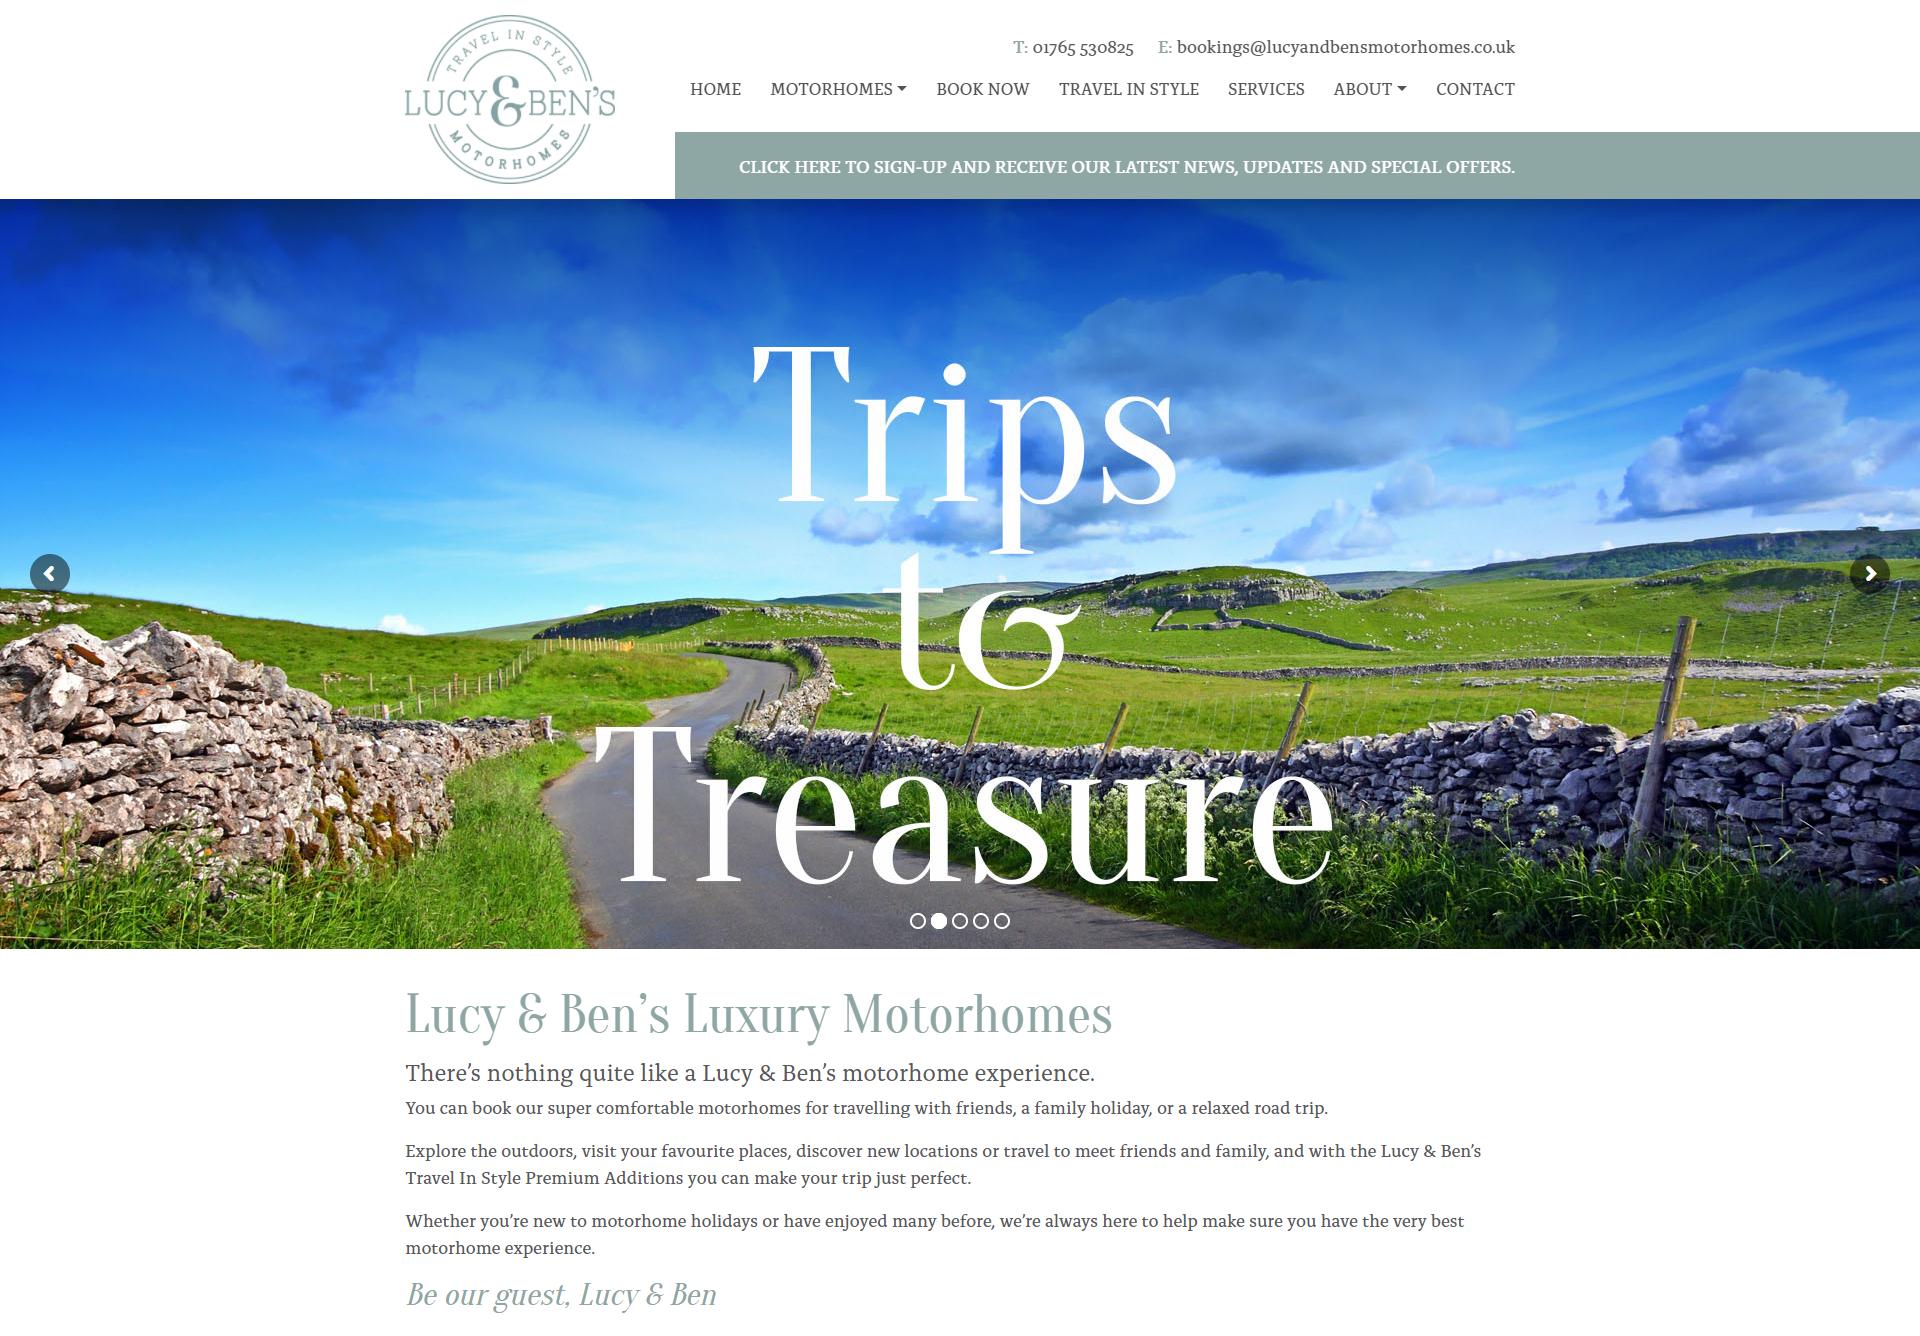 Lucy & Ben's Motor homes website